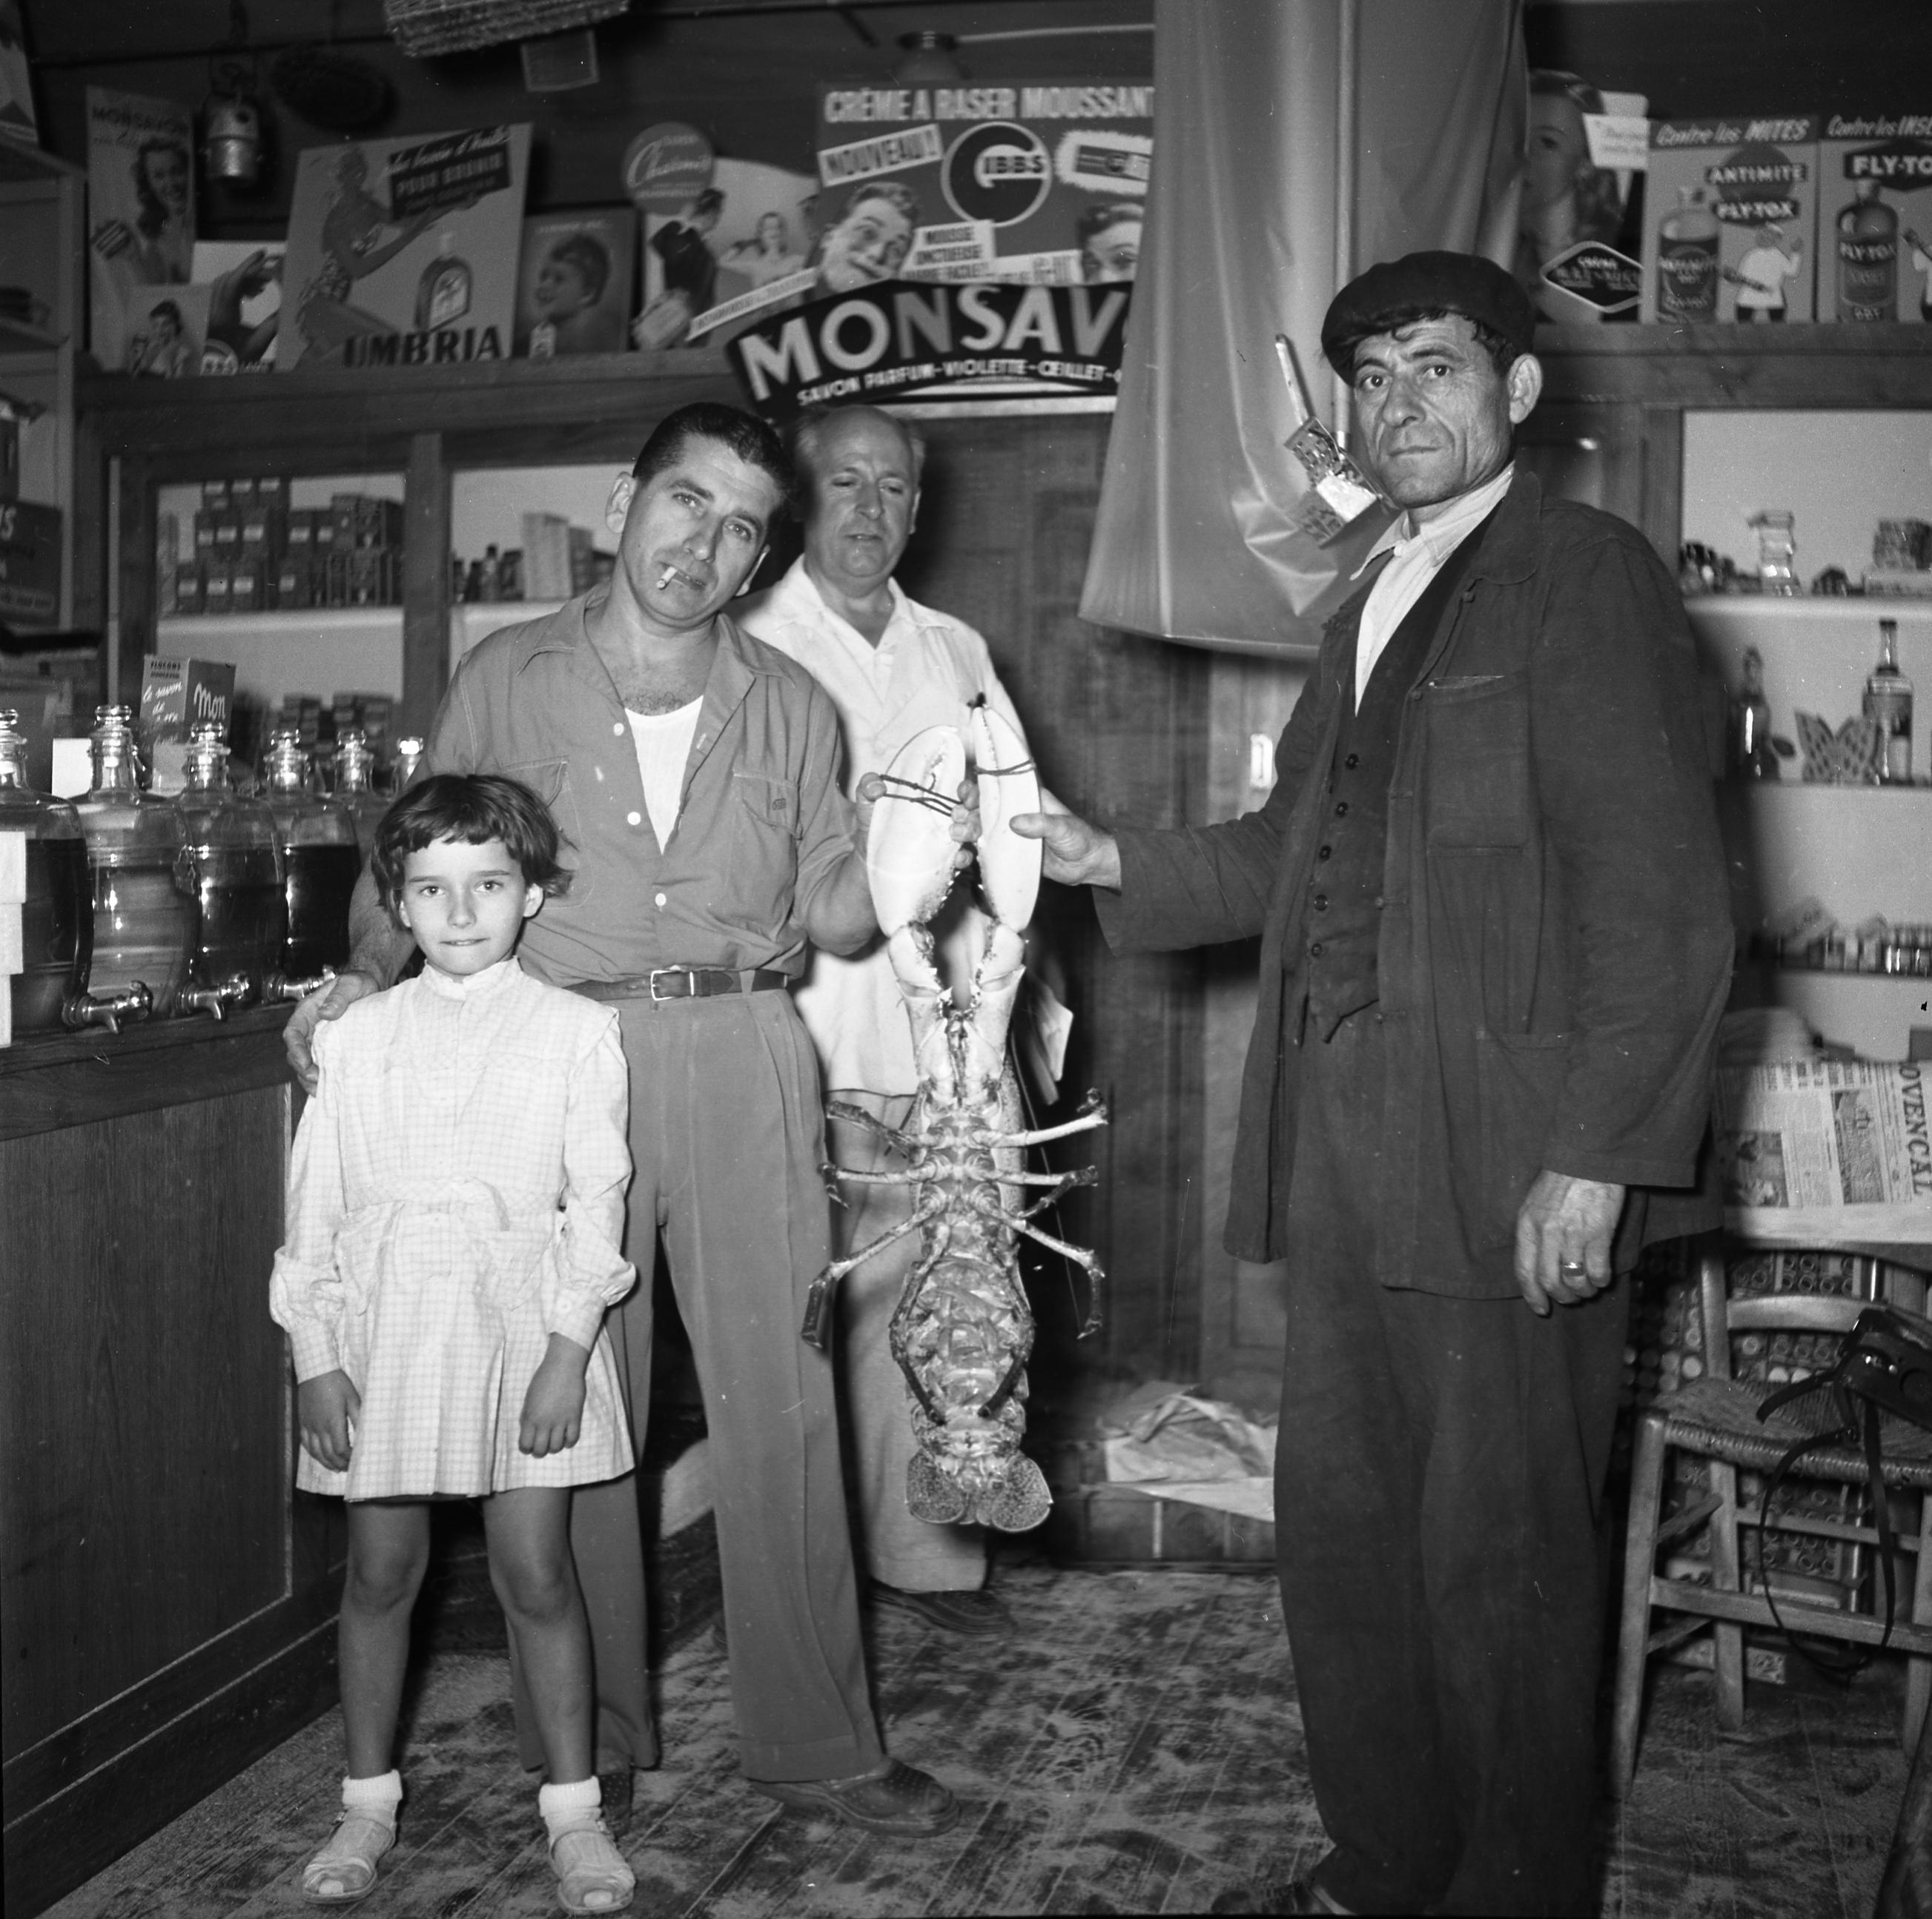 27 Fi 3337 Pêche d'un homard géant à La Ciotat. Incroyable ! 25/09/1954